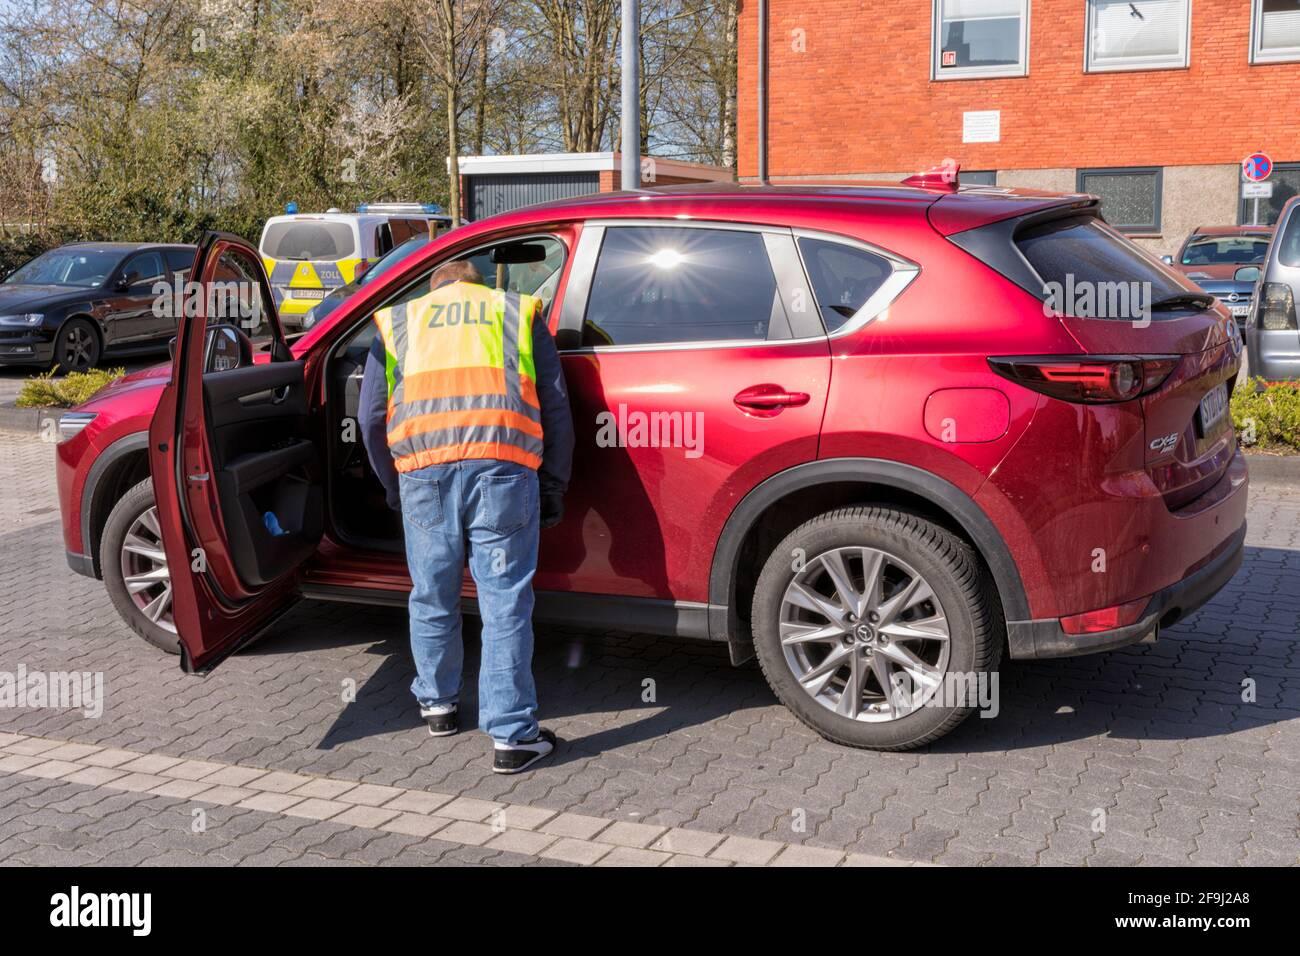 Un fonctionnaire des douanes allemand en civil, portant un gilet d'avertissement, examinant une voiture. Banque D'Images